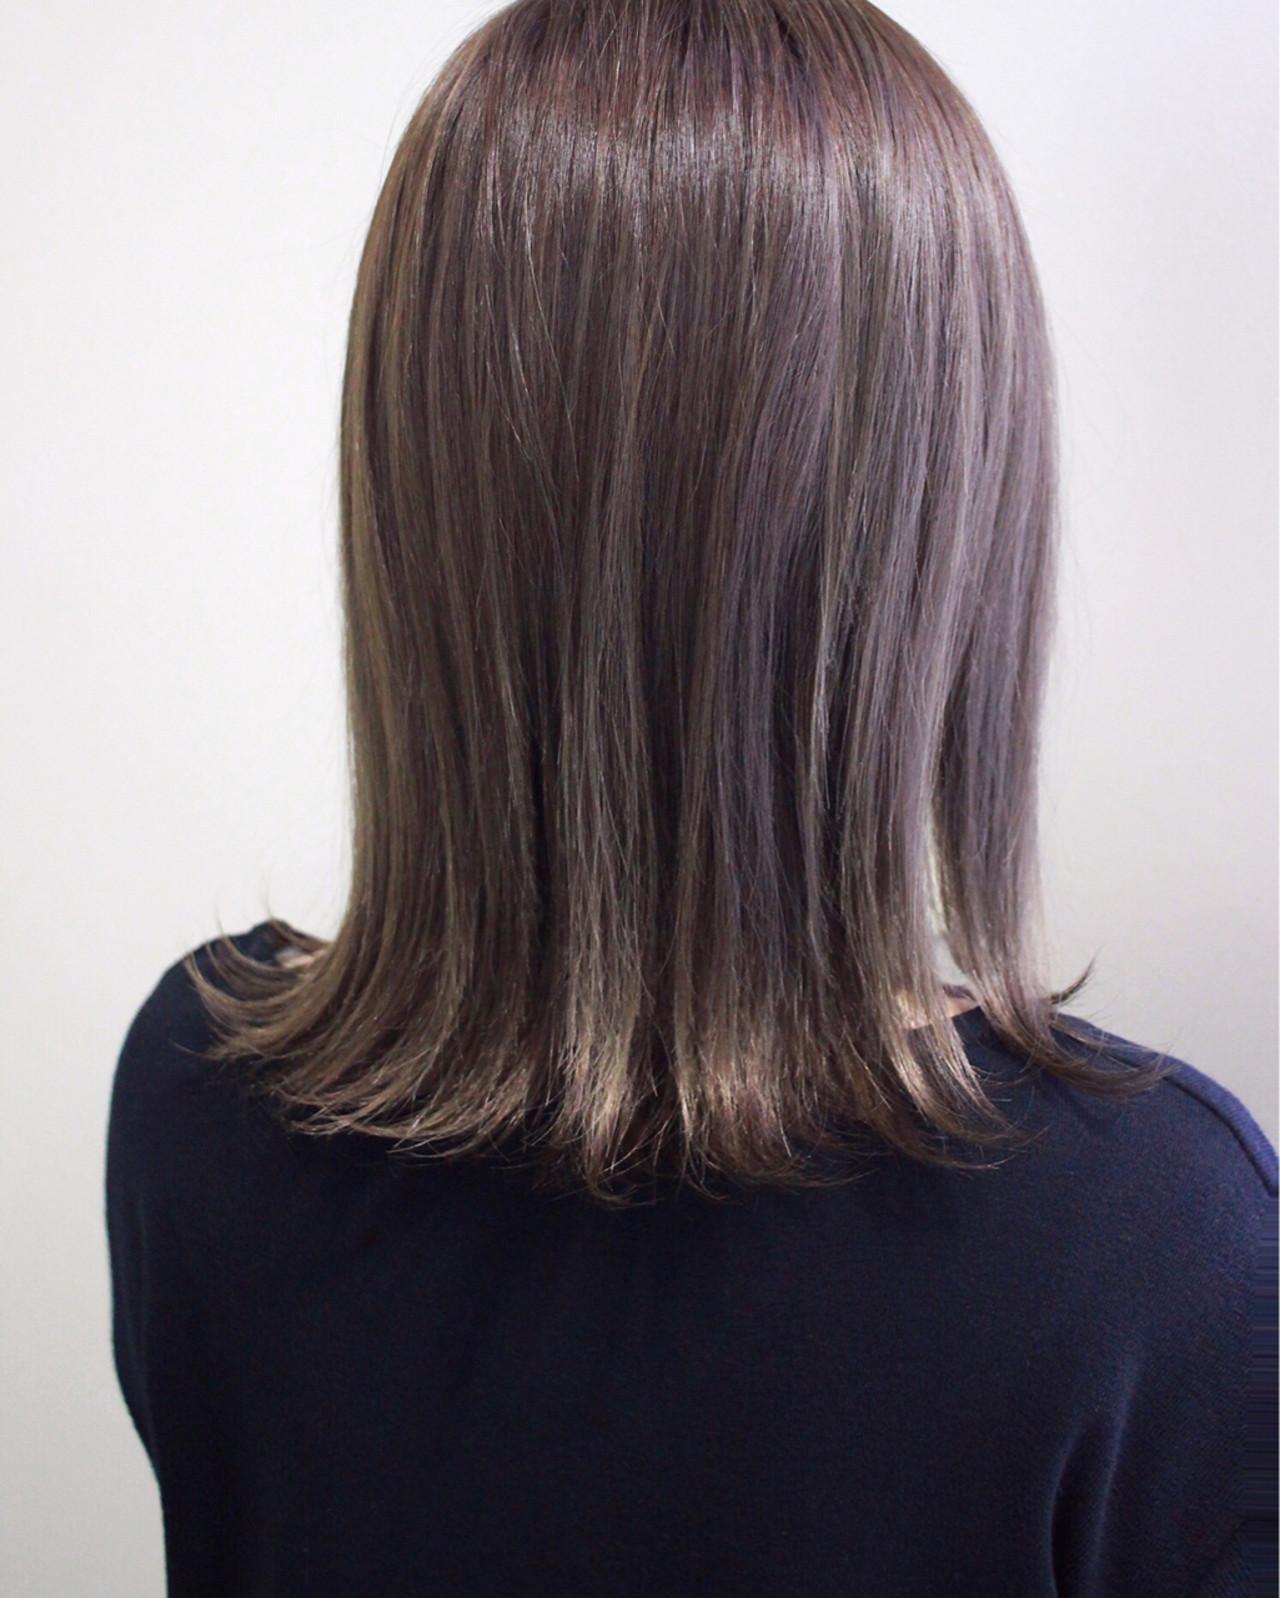 ボブ 外ハネ 外国人風カラー ハイライト ヘアスタイルや髪型の写真・画像 | 西川 諒 / OSHARE DOROBO seed